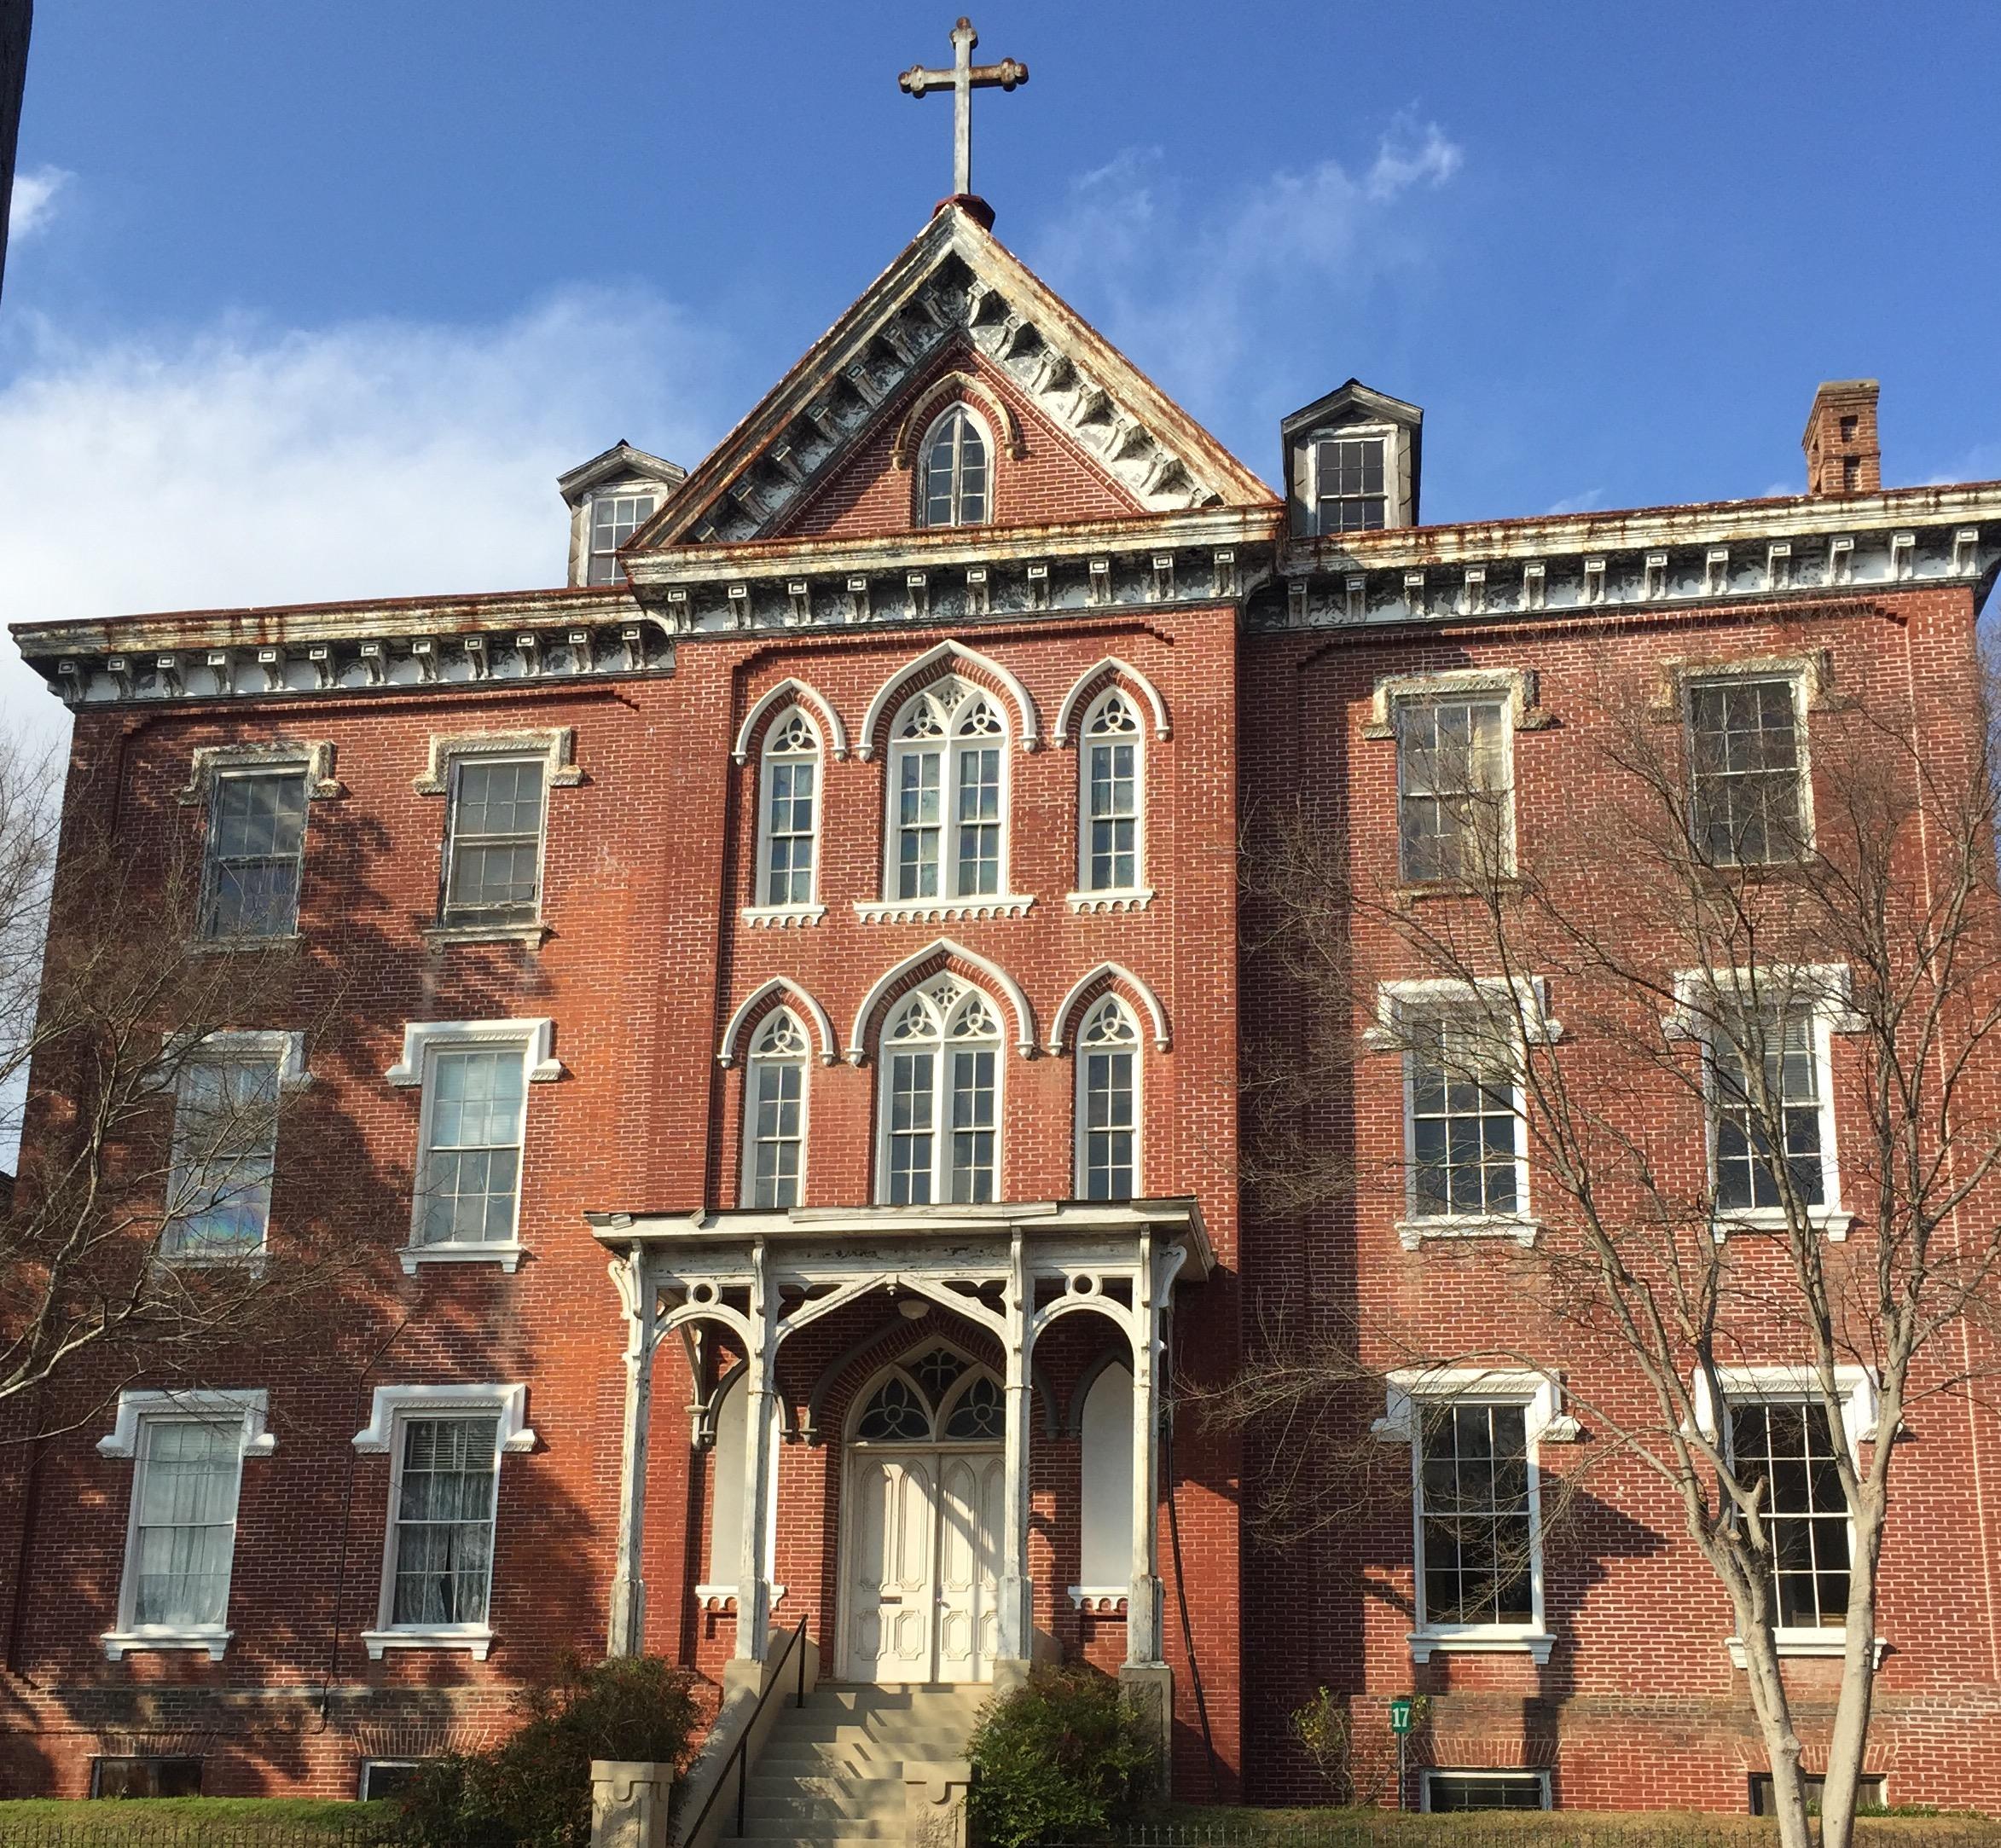 SCHF 1-Convent front.jpg